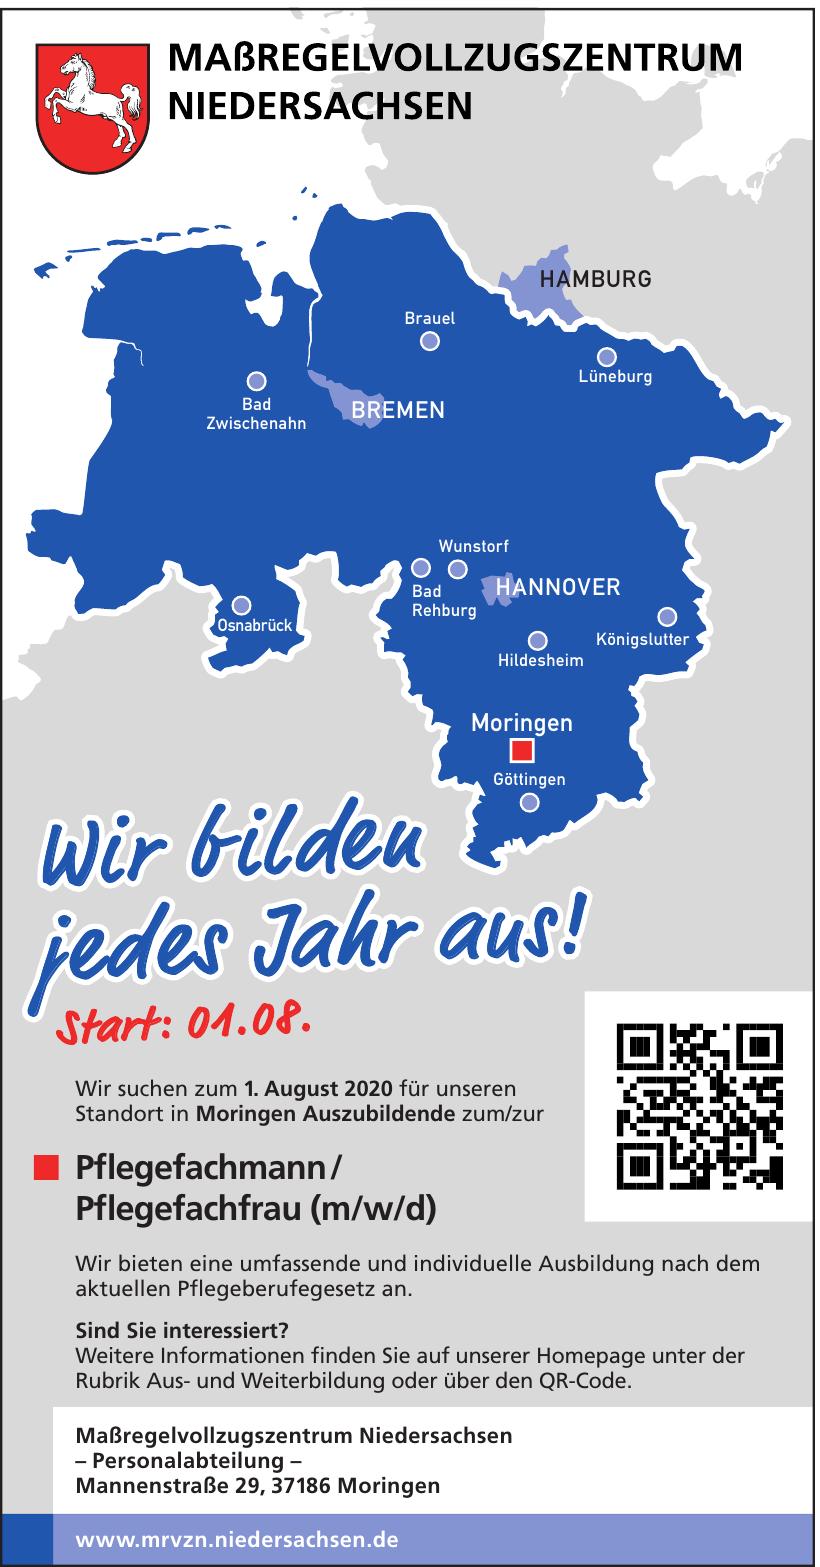 Maßregelvollzugszentrum Niedersachsen - Personalabteilung